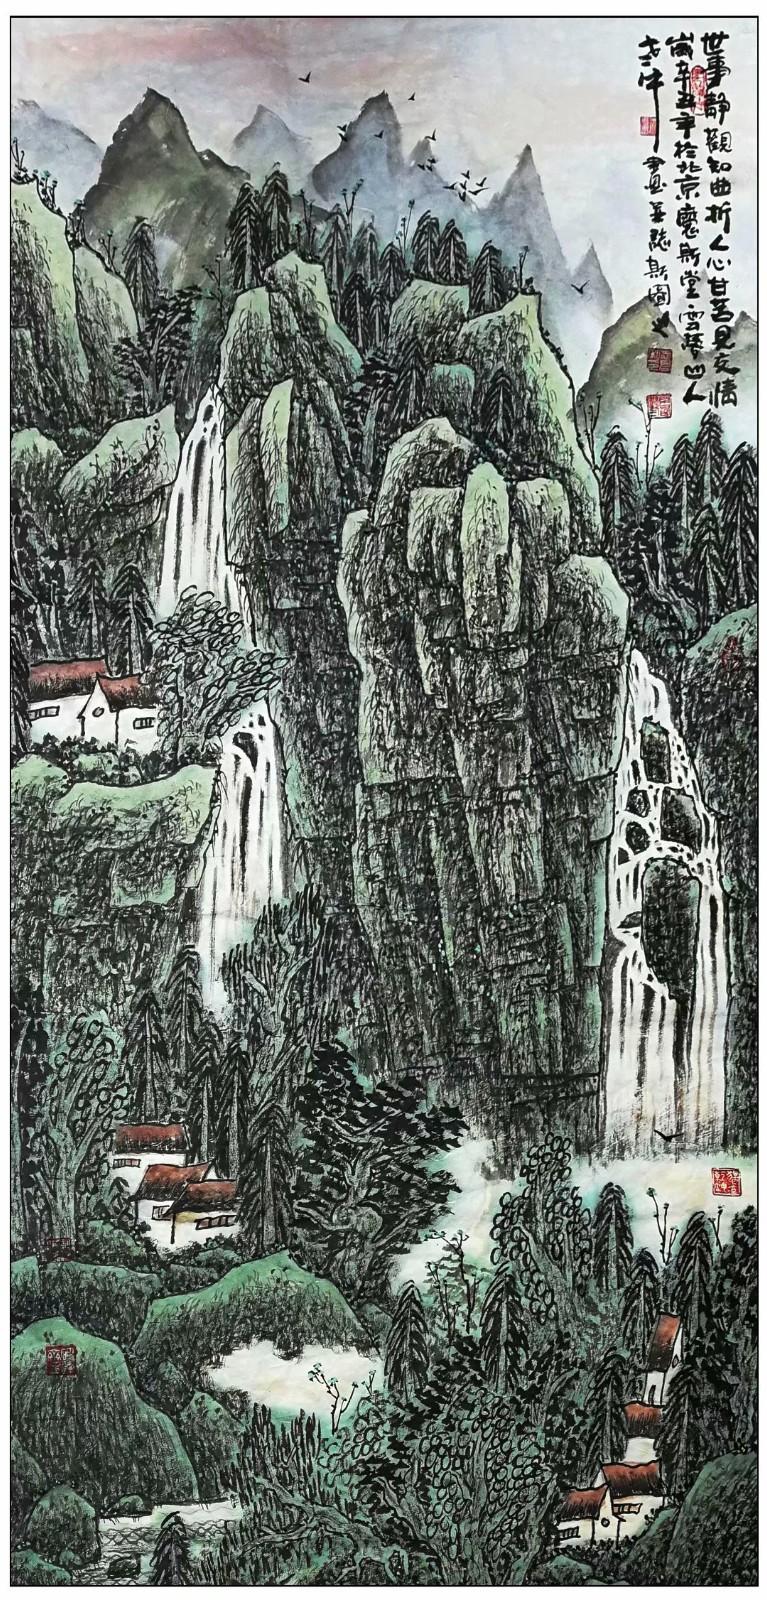 牛志高山水画2021.07.05_图1-6